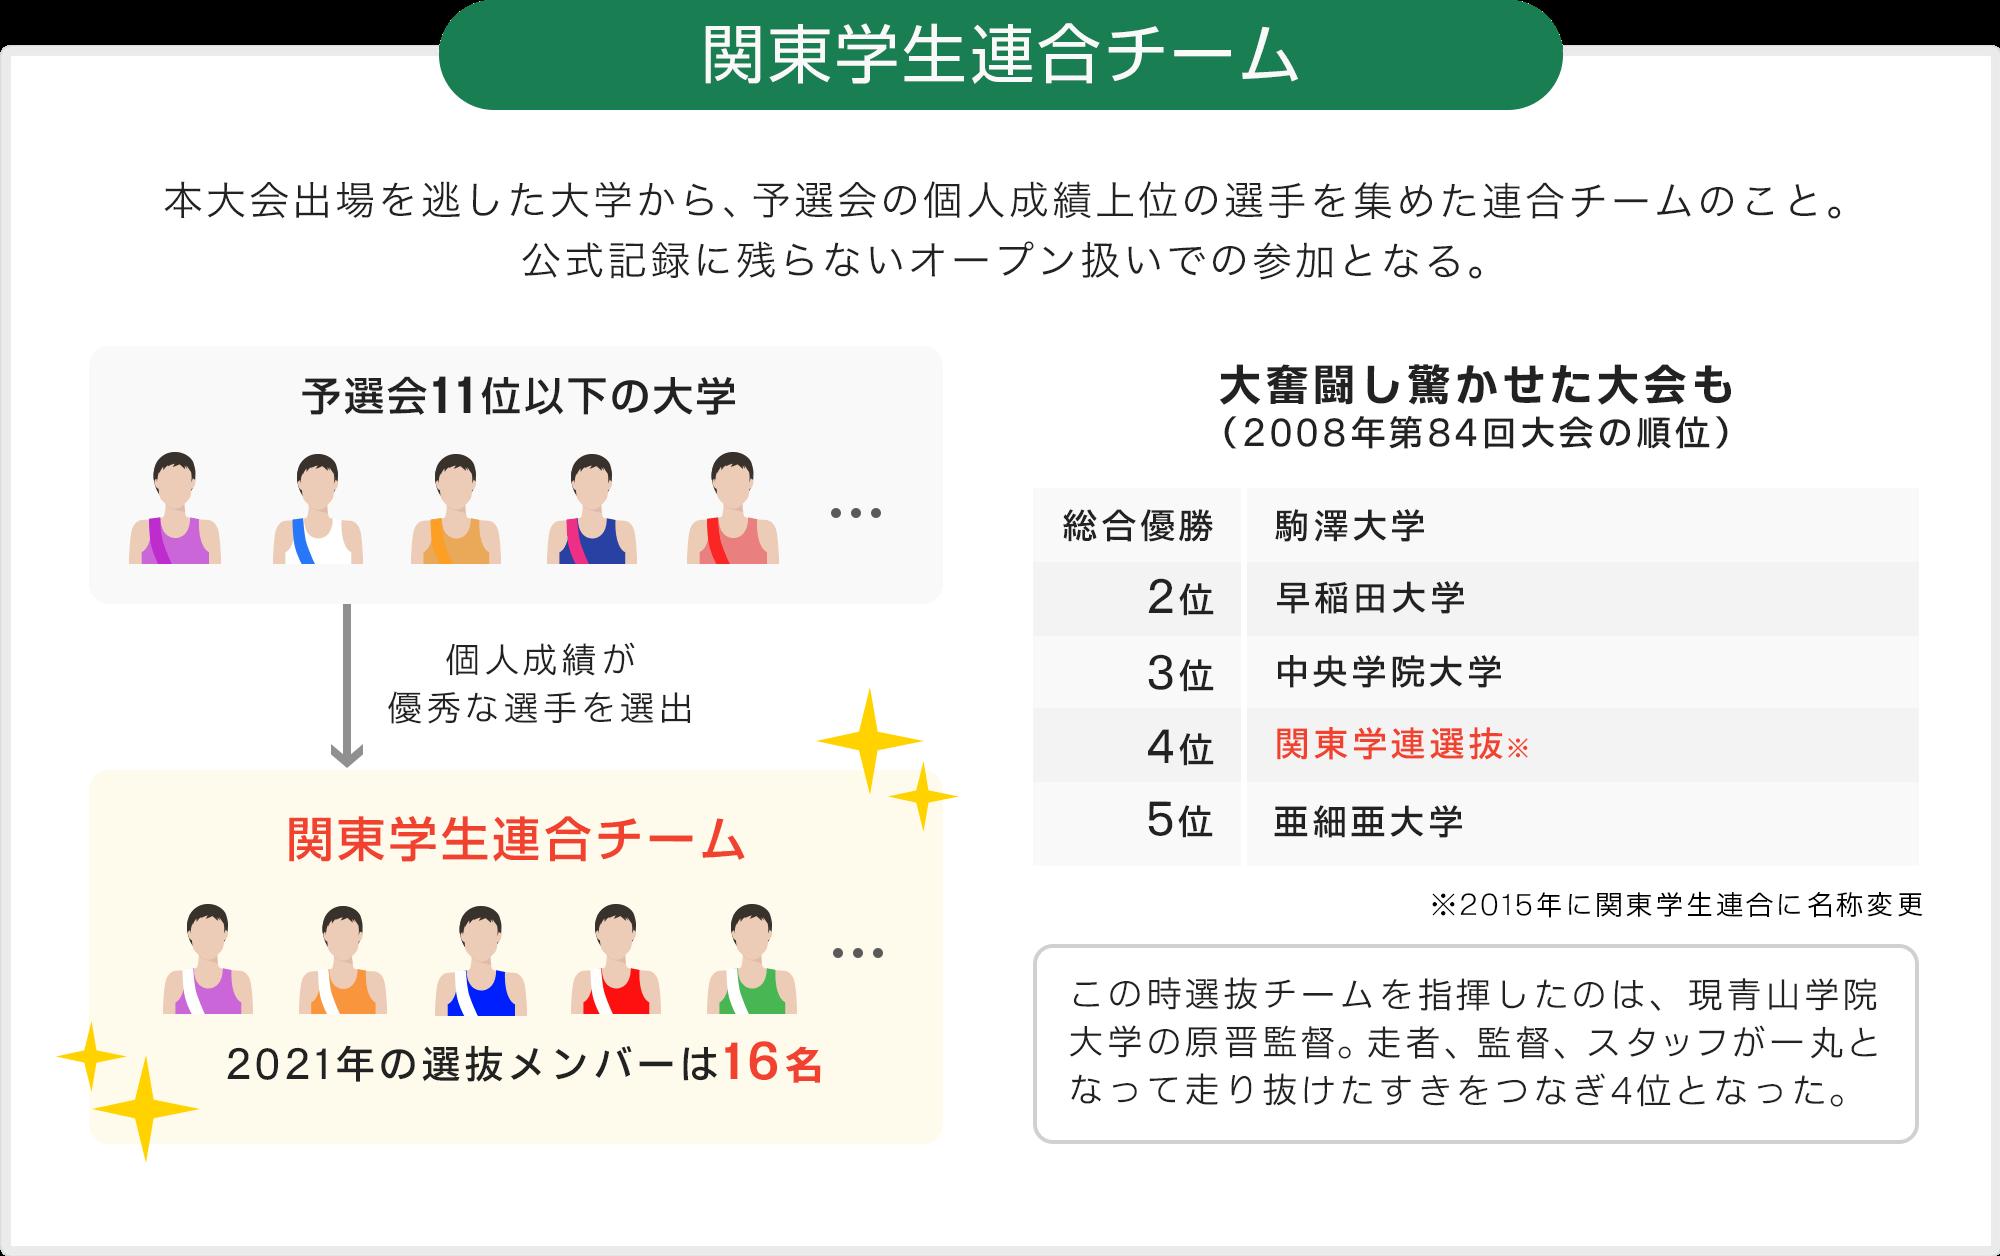 関東学生連合チーム 本大会出場を逃した大学から、個人成績上位の選手を集めた連合チームのこと。公式記録に残らないオープン扱いでの参加となる。